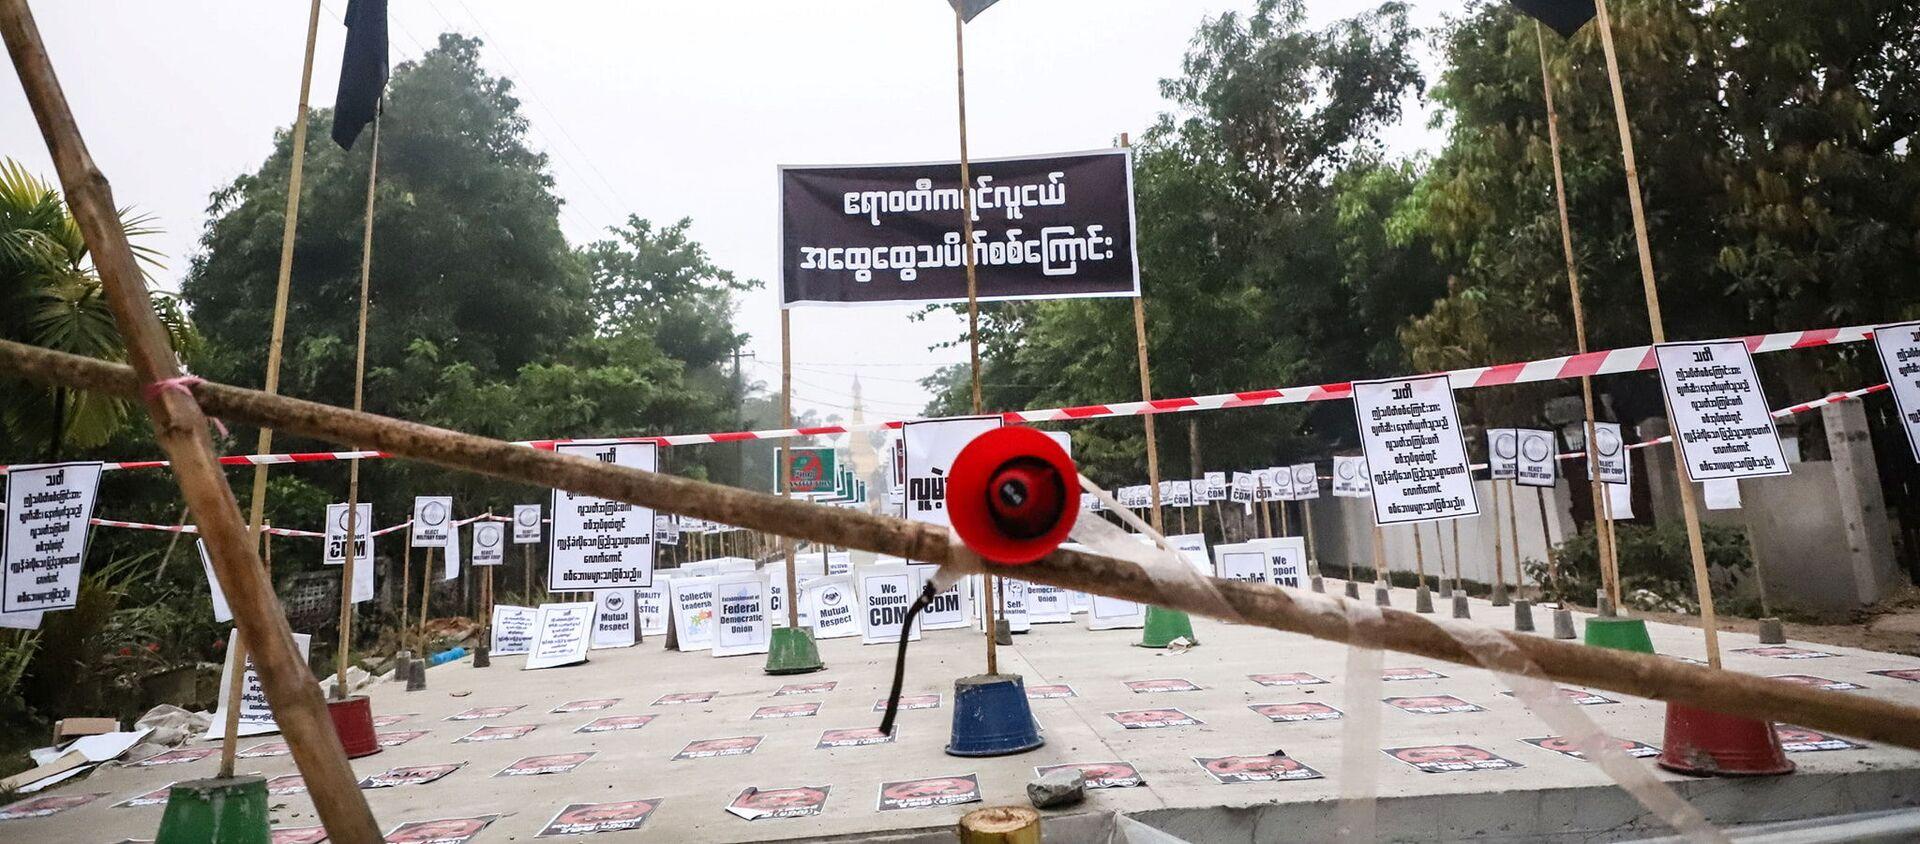 Quang cảnh loa và biển báo trong cuộc biểu tình không có người biểu tình ở Nyaungdon, Ayeyarwady, Myanmar - Sputnik Việt Nam, 1920, 13.05.2021